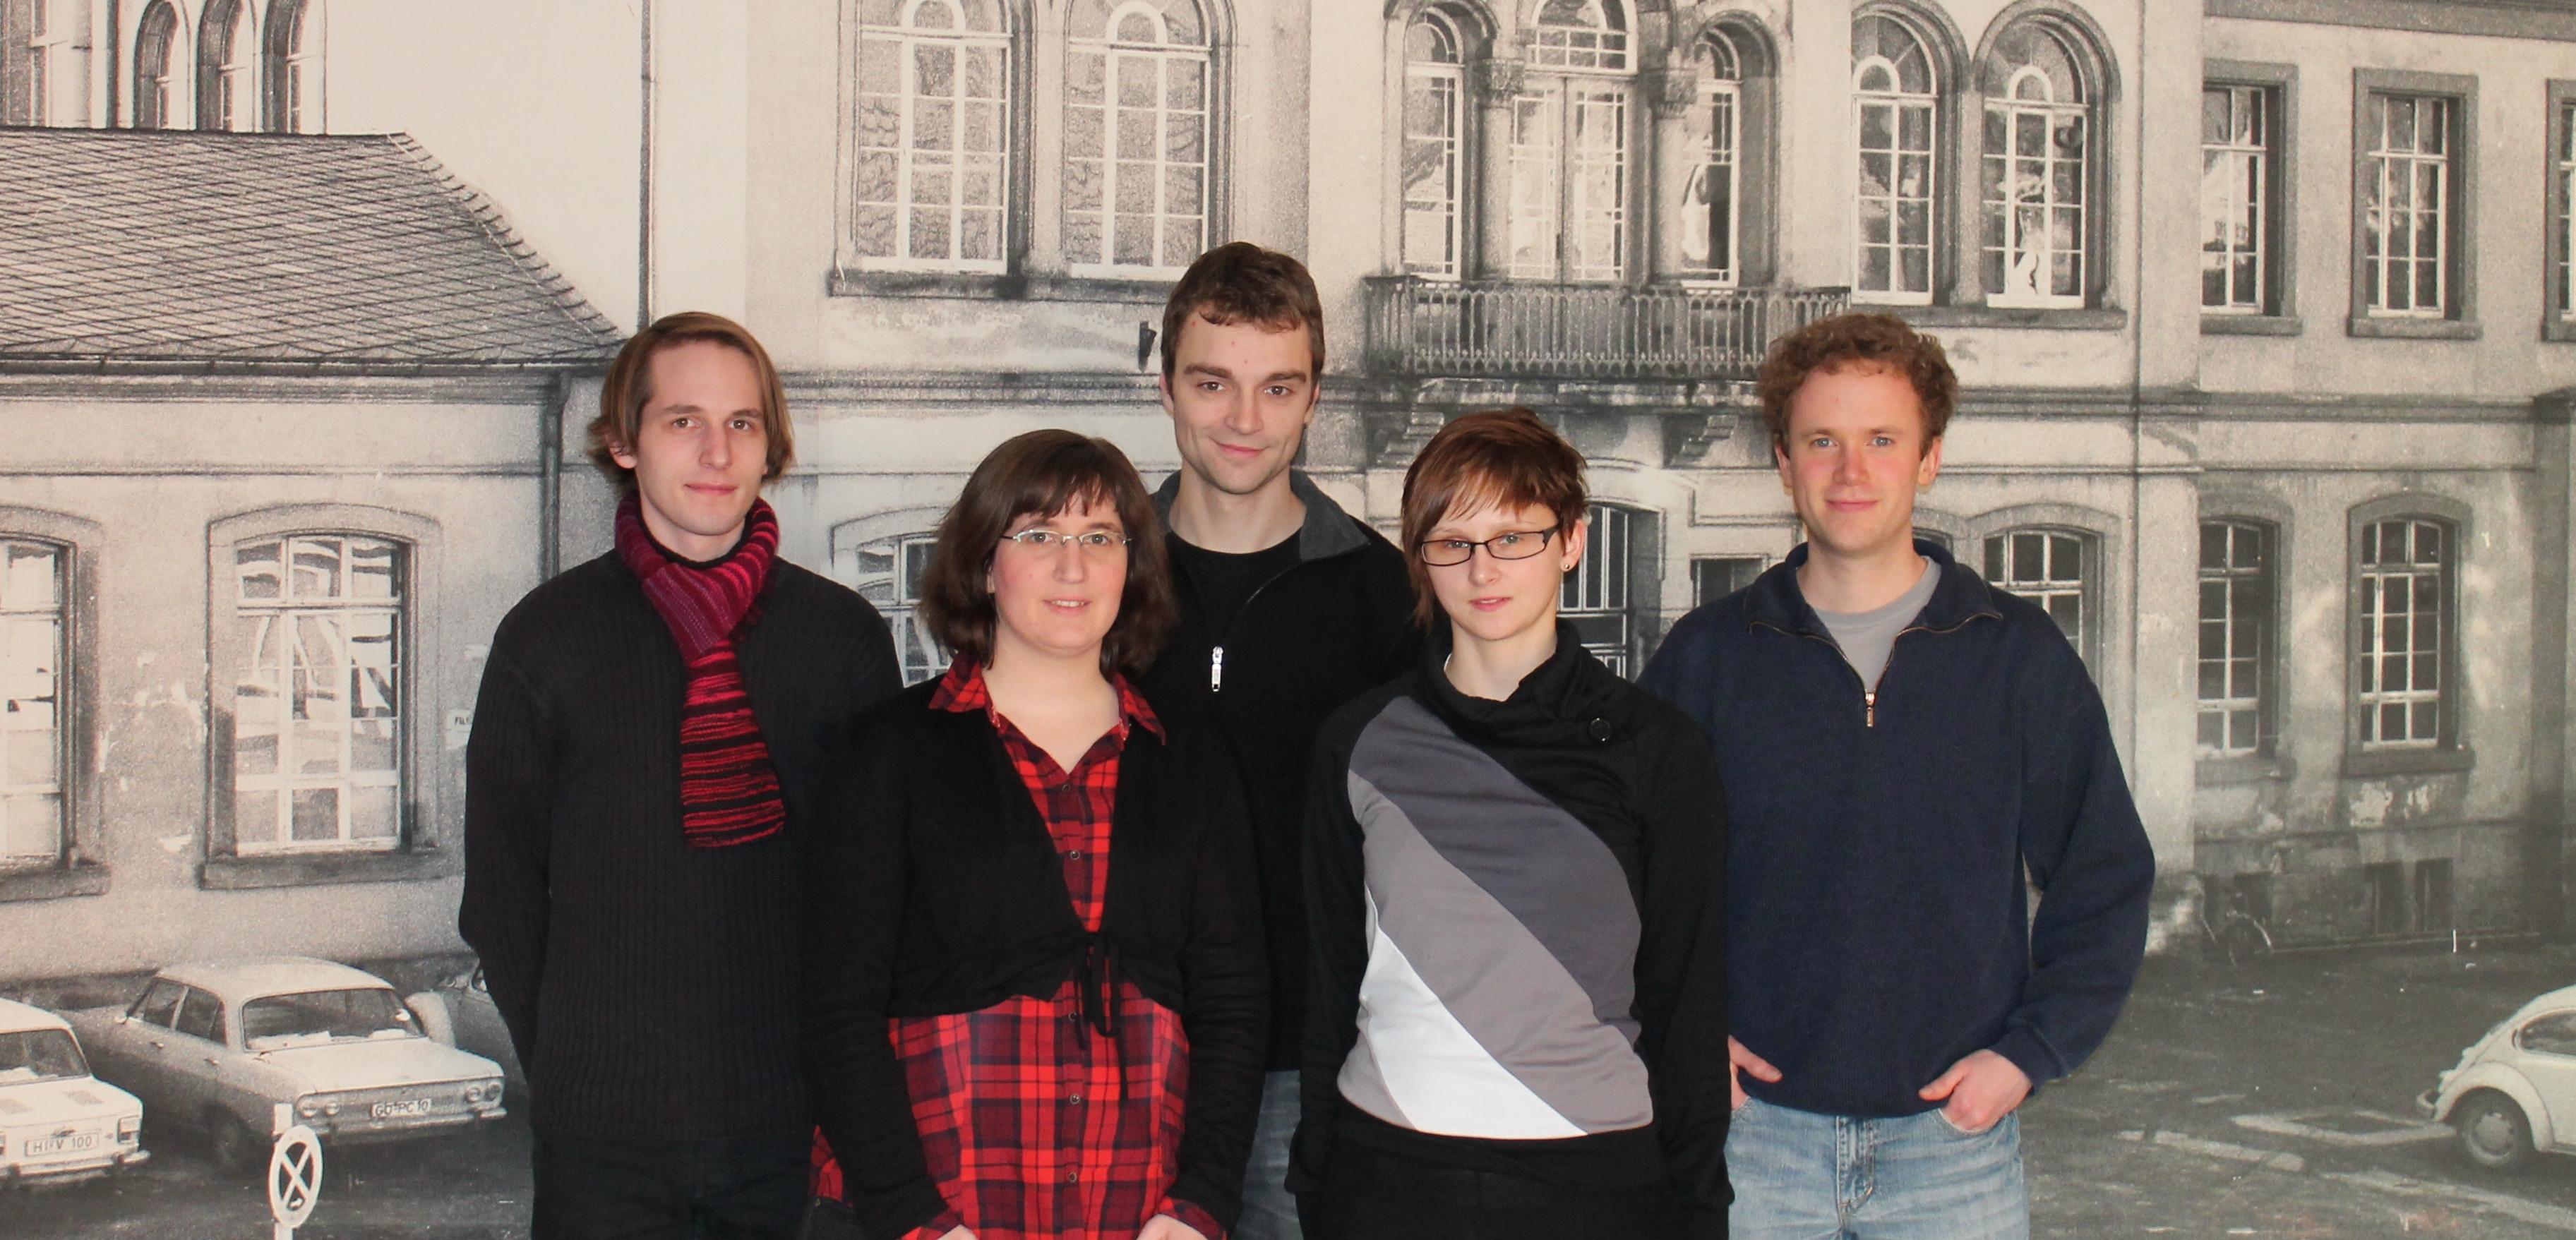 Nico Graw, Cornelia Panse, Dennis Hübner, Sabrina Freye, David Engelhard (von links)